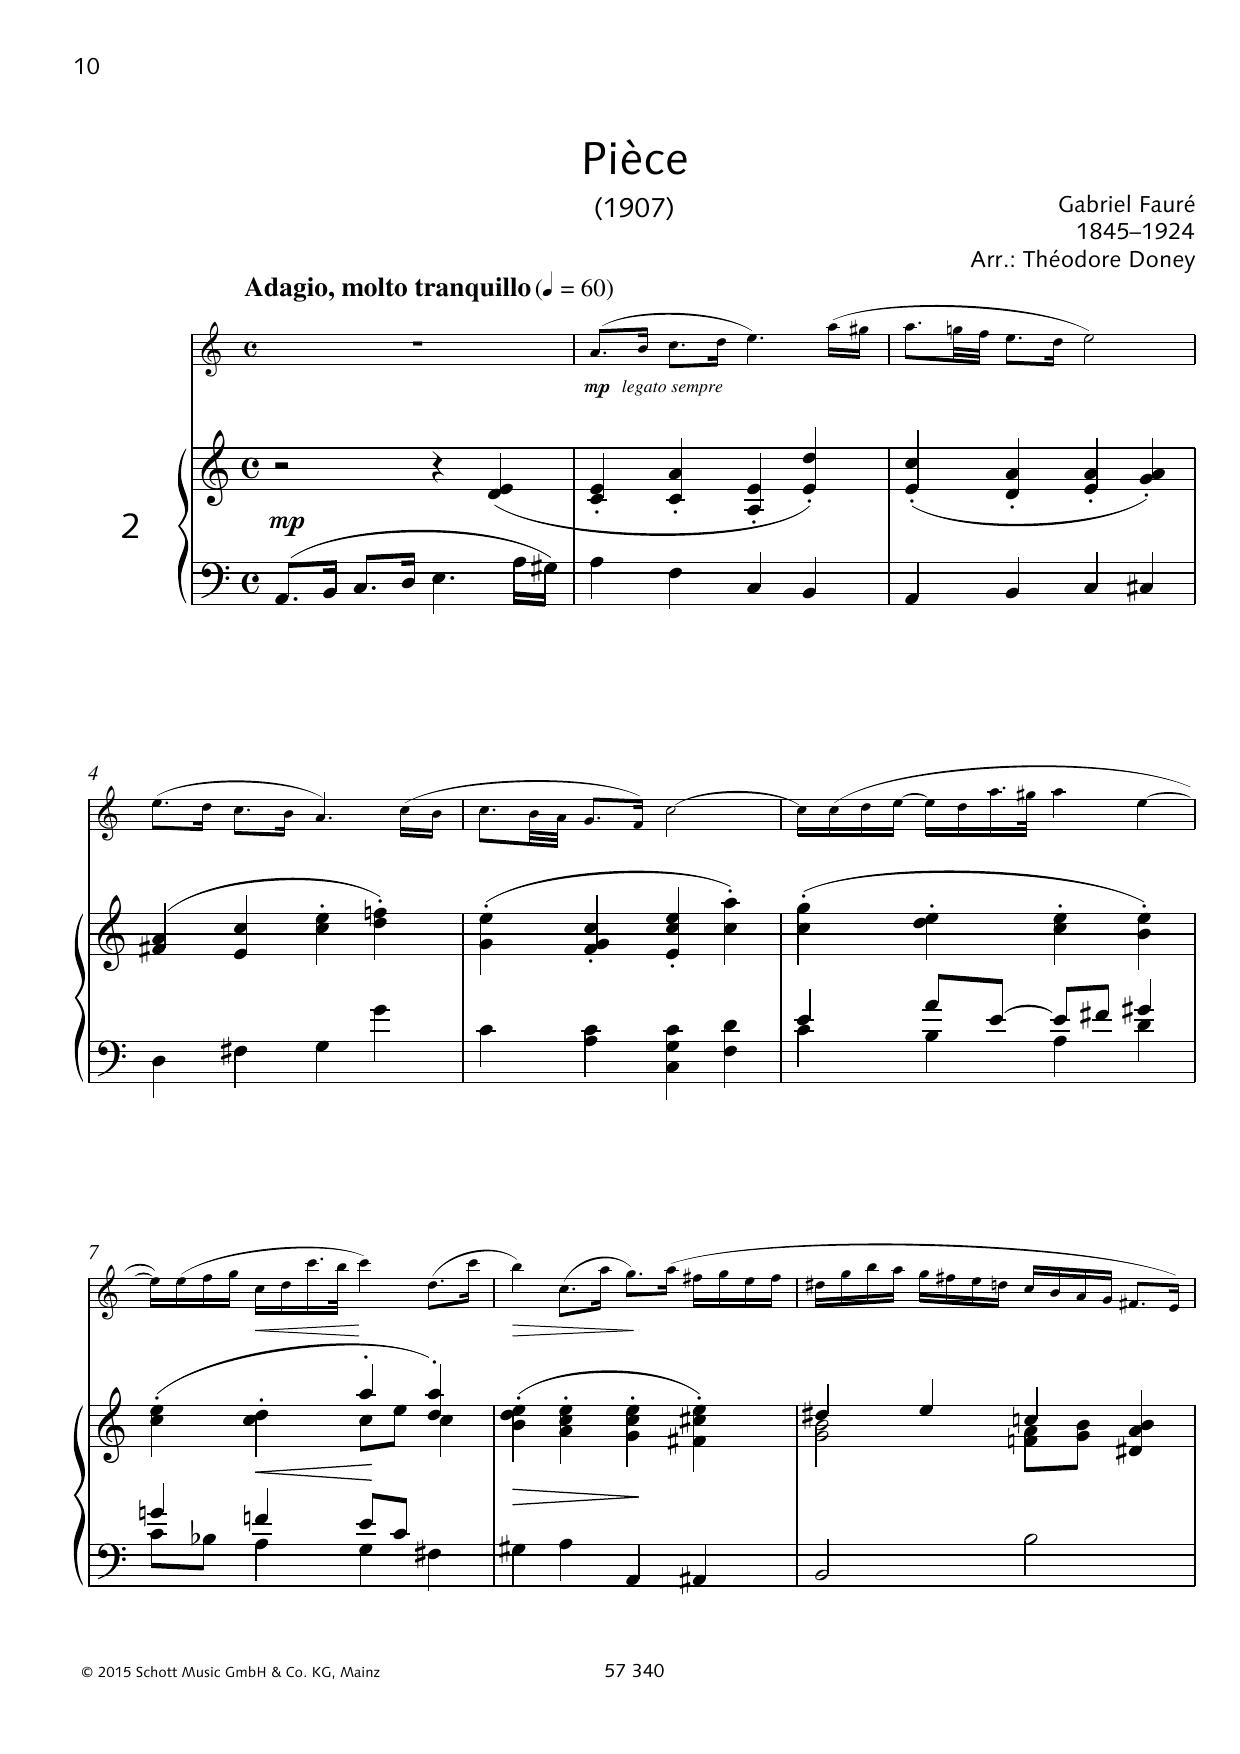 Piece Sheet Music